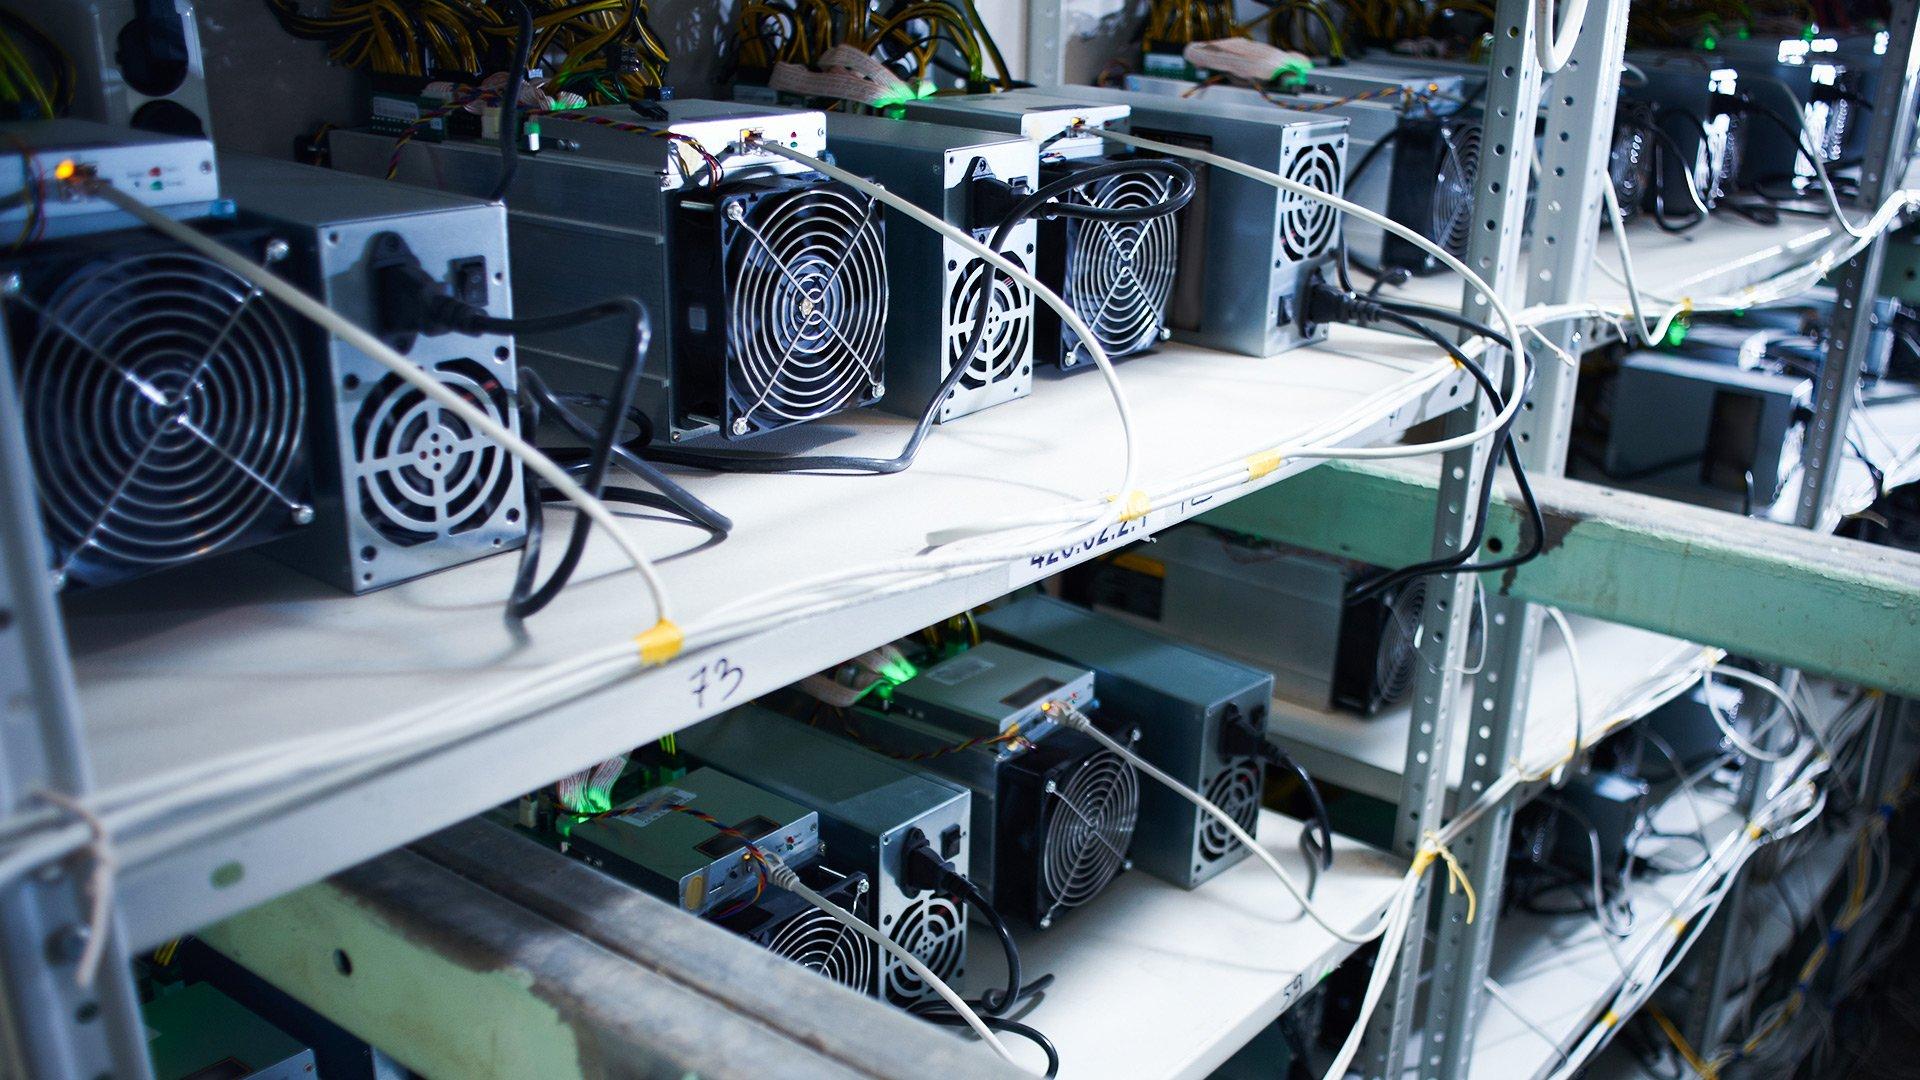 Hut8 pide prestados ~ $ 12 millones de la fundición de DCG para ordenar nuevos mineros de bitcoin